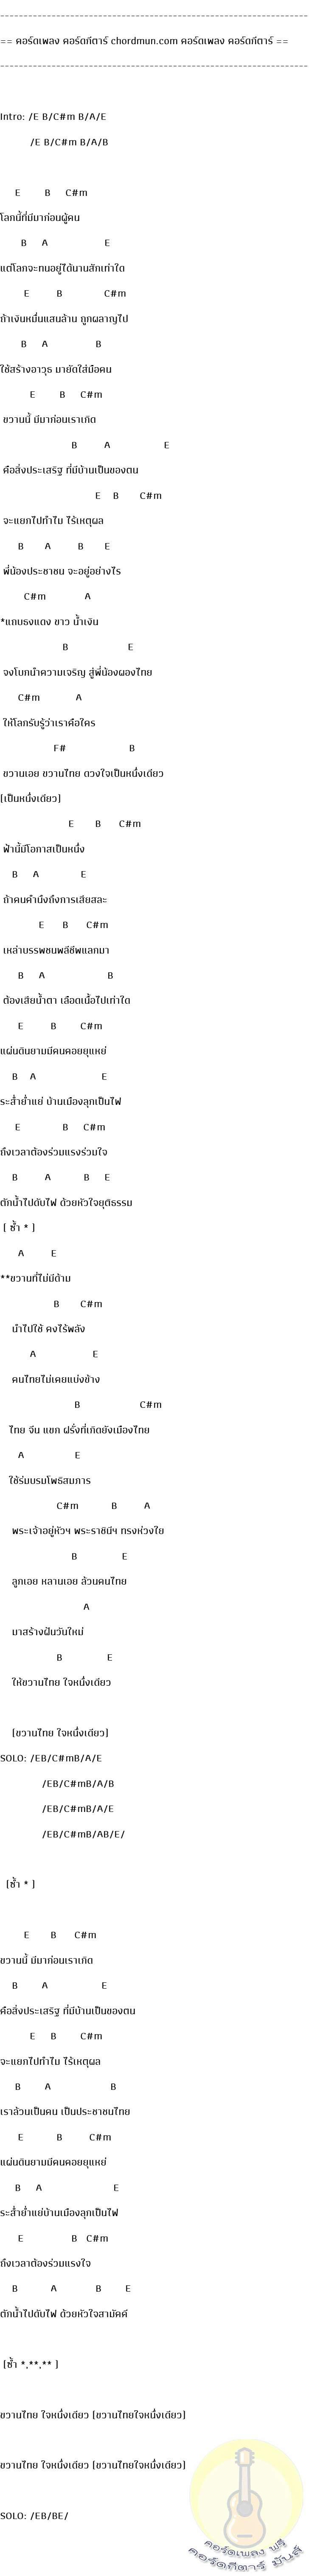 คอร์ดกีต้าง่ายๆ  เพลง ขวานไทยใจหนึ่งเดียว